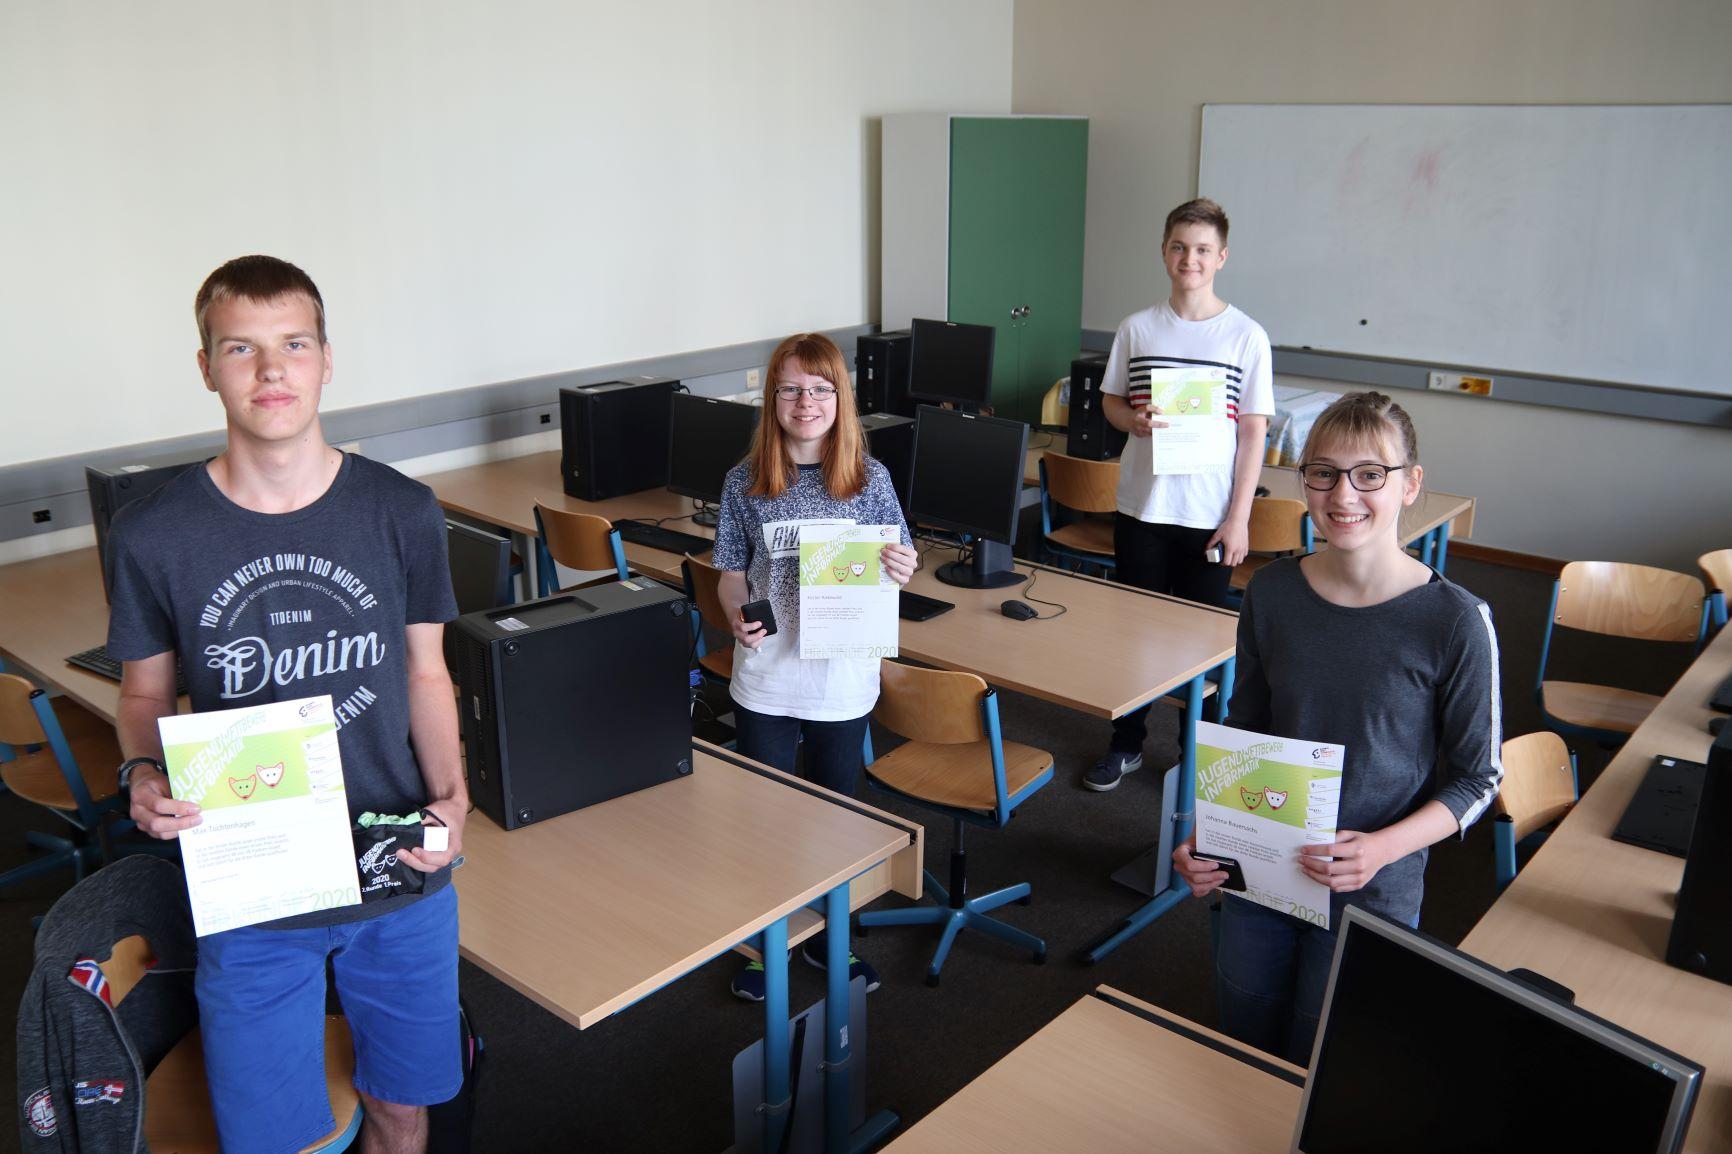 Max erreicht Höchstpunktzahl beim Jugendwettbewerb Informatik 2020